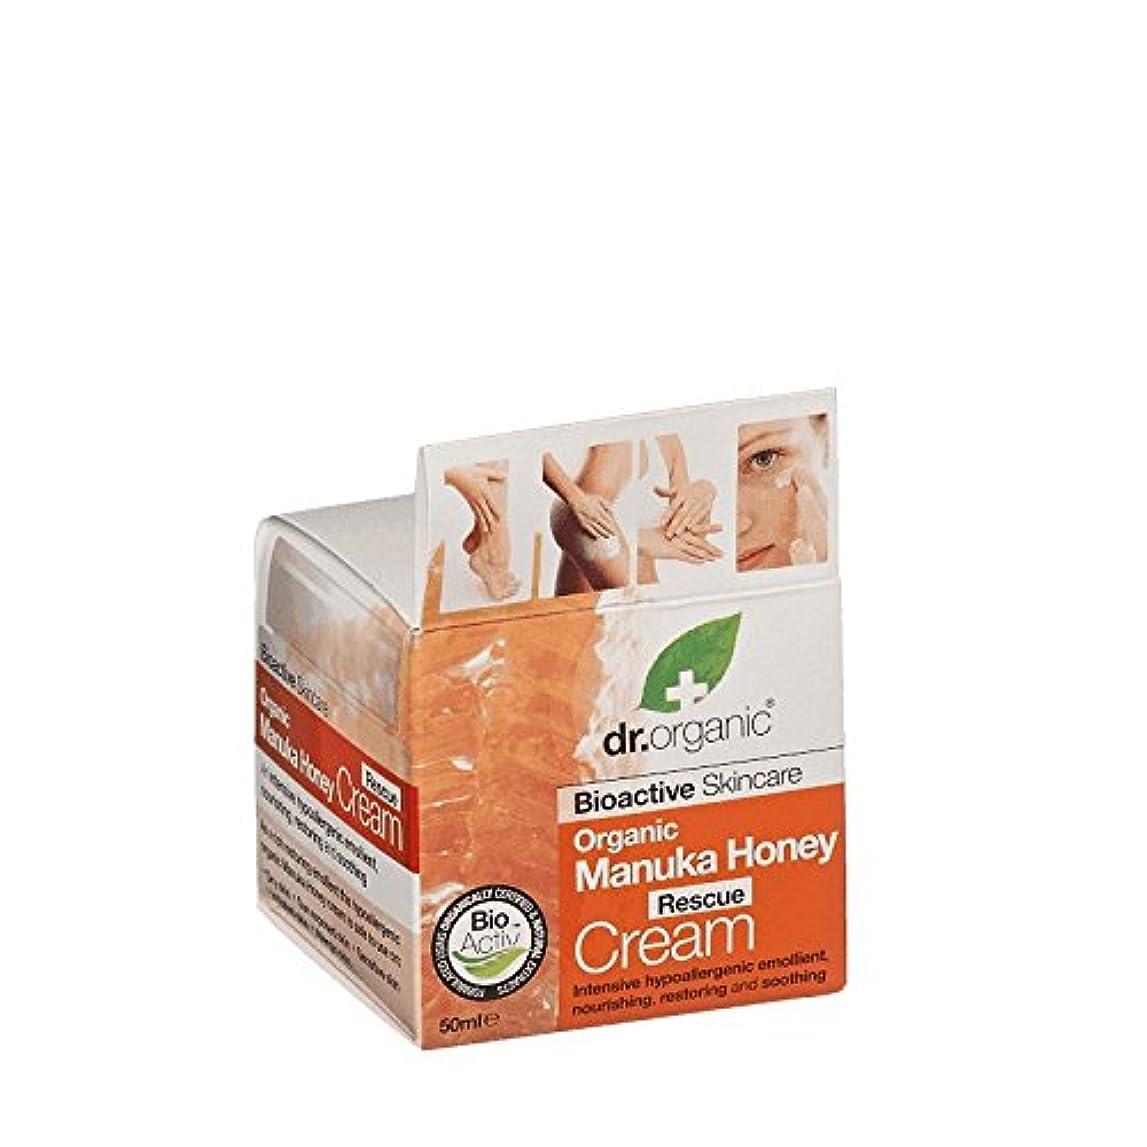 レインコート郵便番号パスDr有機マヌカハニーレスキュークリーム - Dr Organic Manuka Honey Rescue Cream (Dr Organic) [並行輸入品]